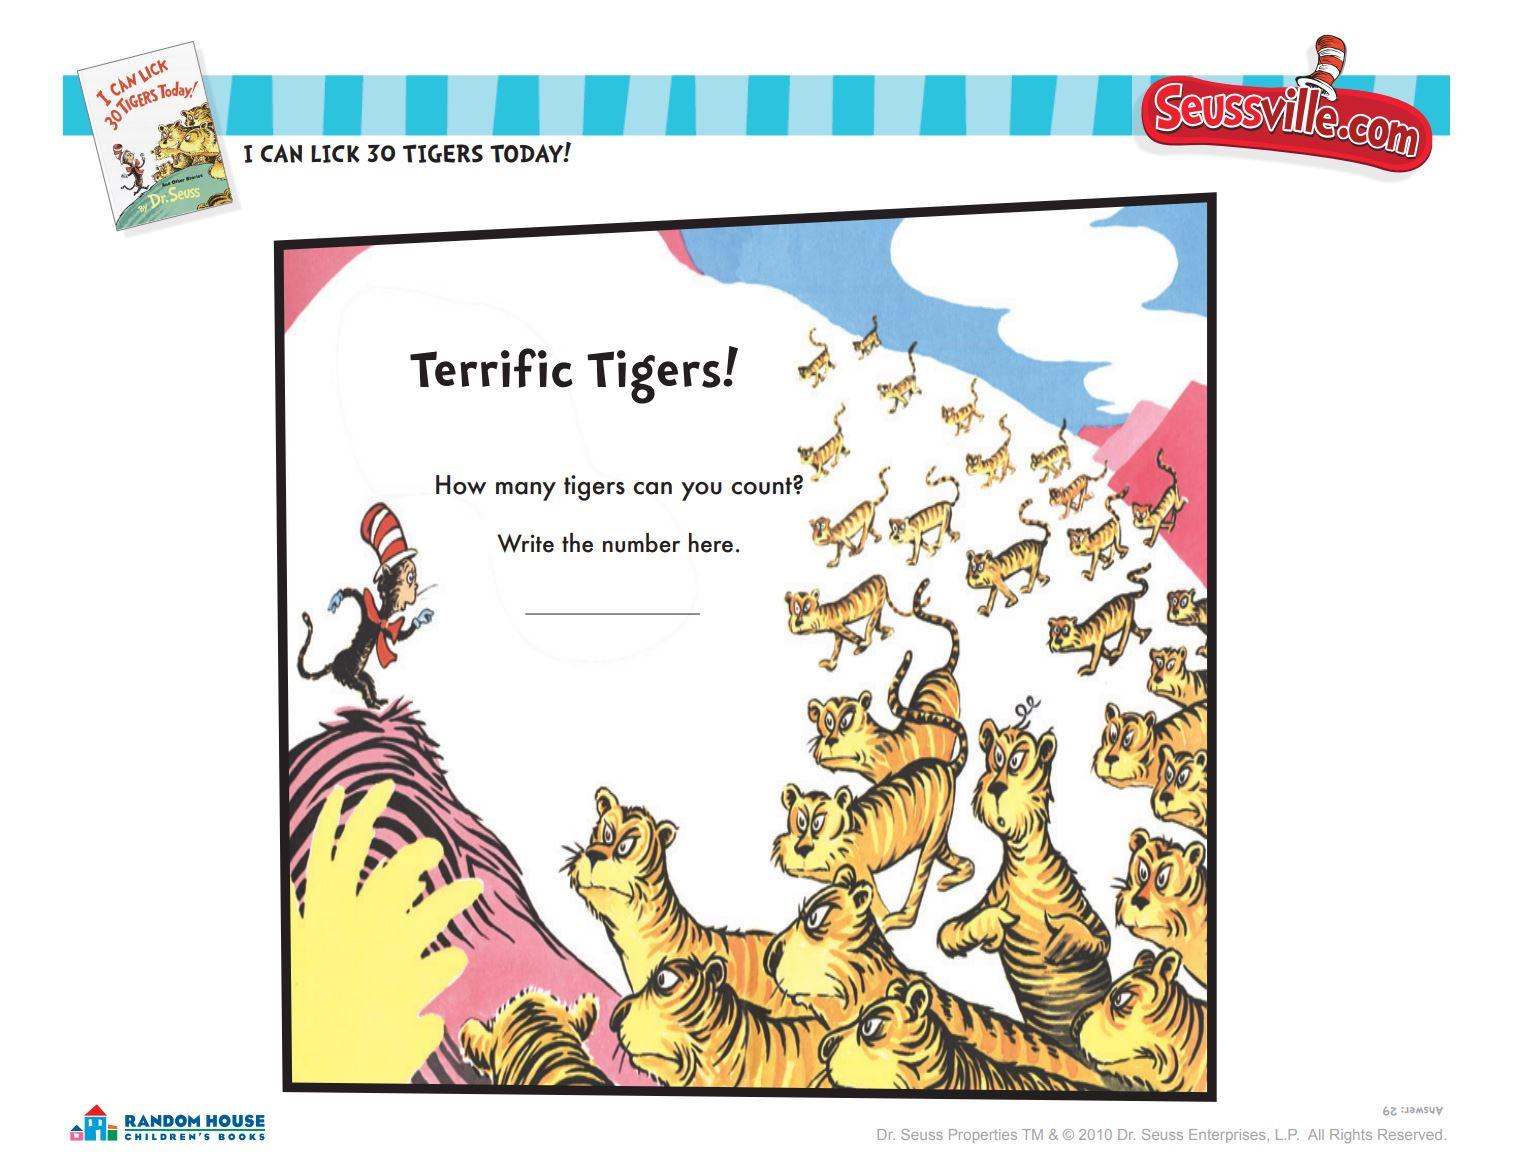 Terrific Tigers!